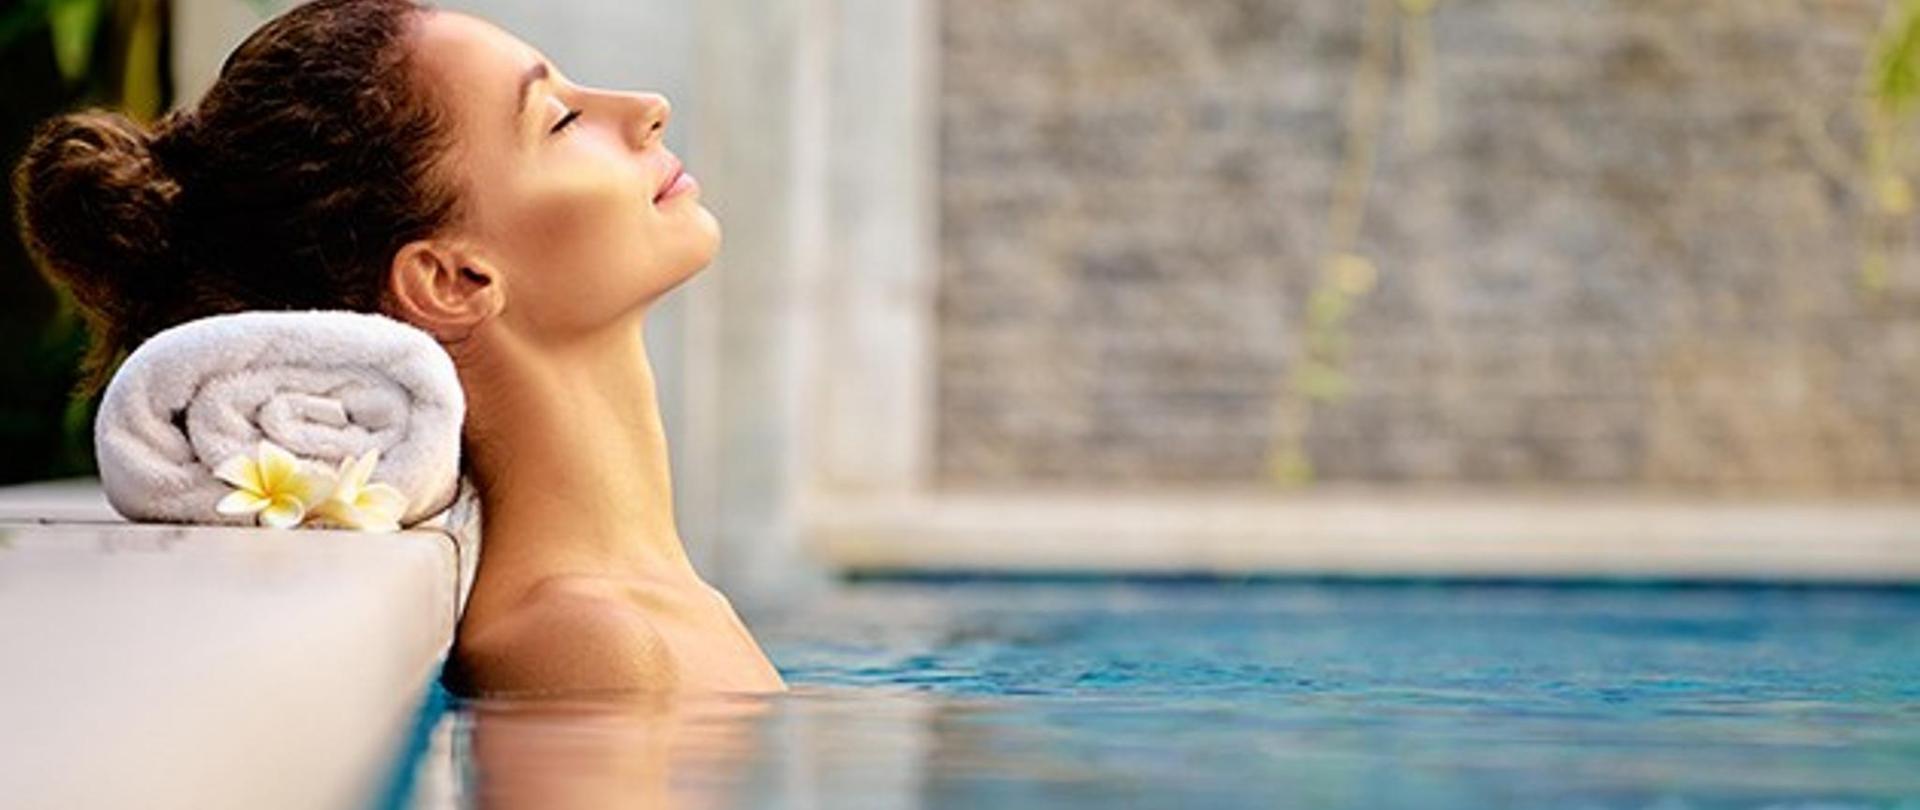 mujer-relajada-en-una-piscina.jpg